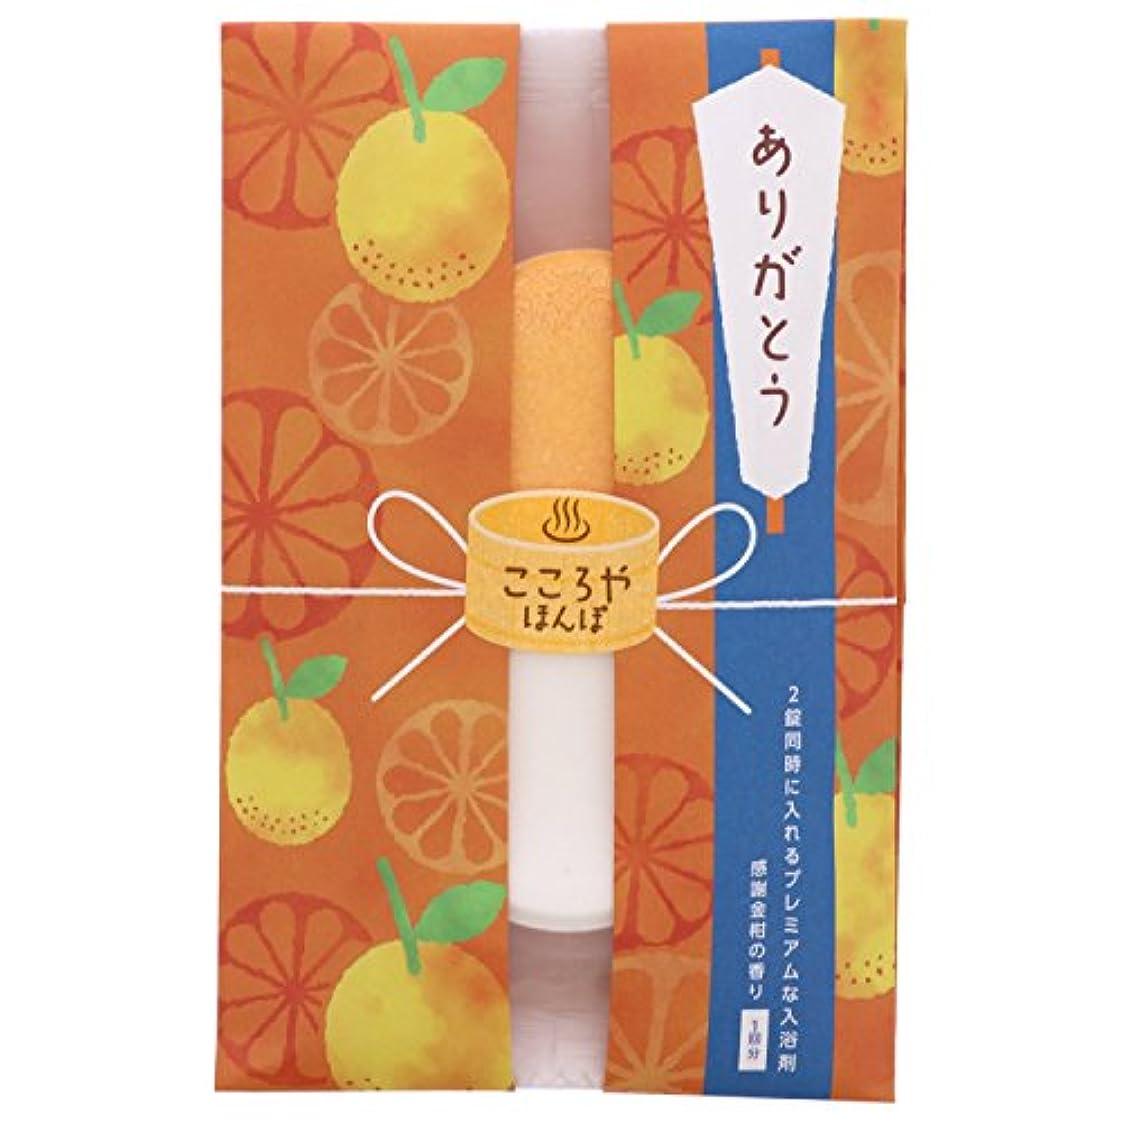 目に見えるホイッスル杖こころやほんぽ カジュアルギフト 入浴剤 ありがとう 金柑の香り 50g